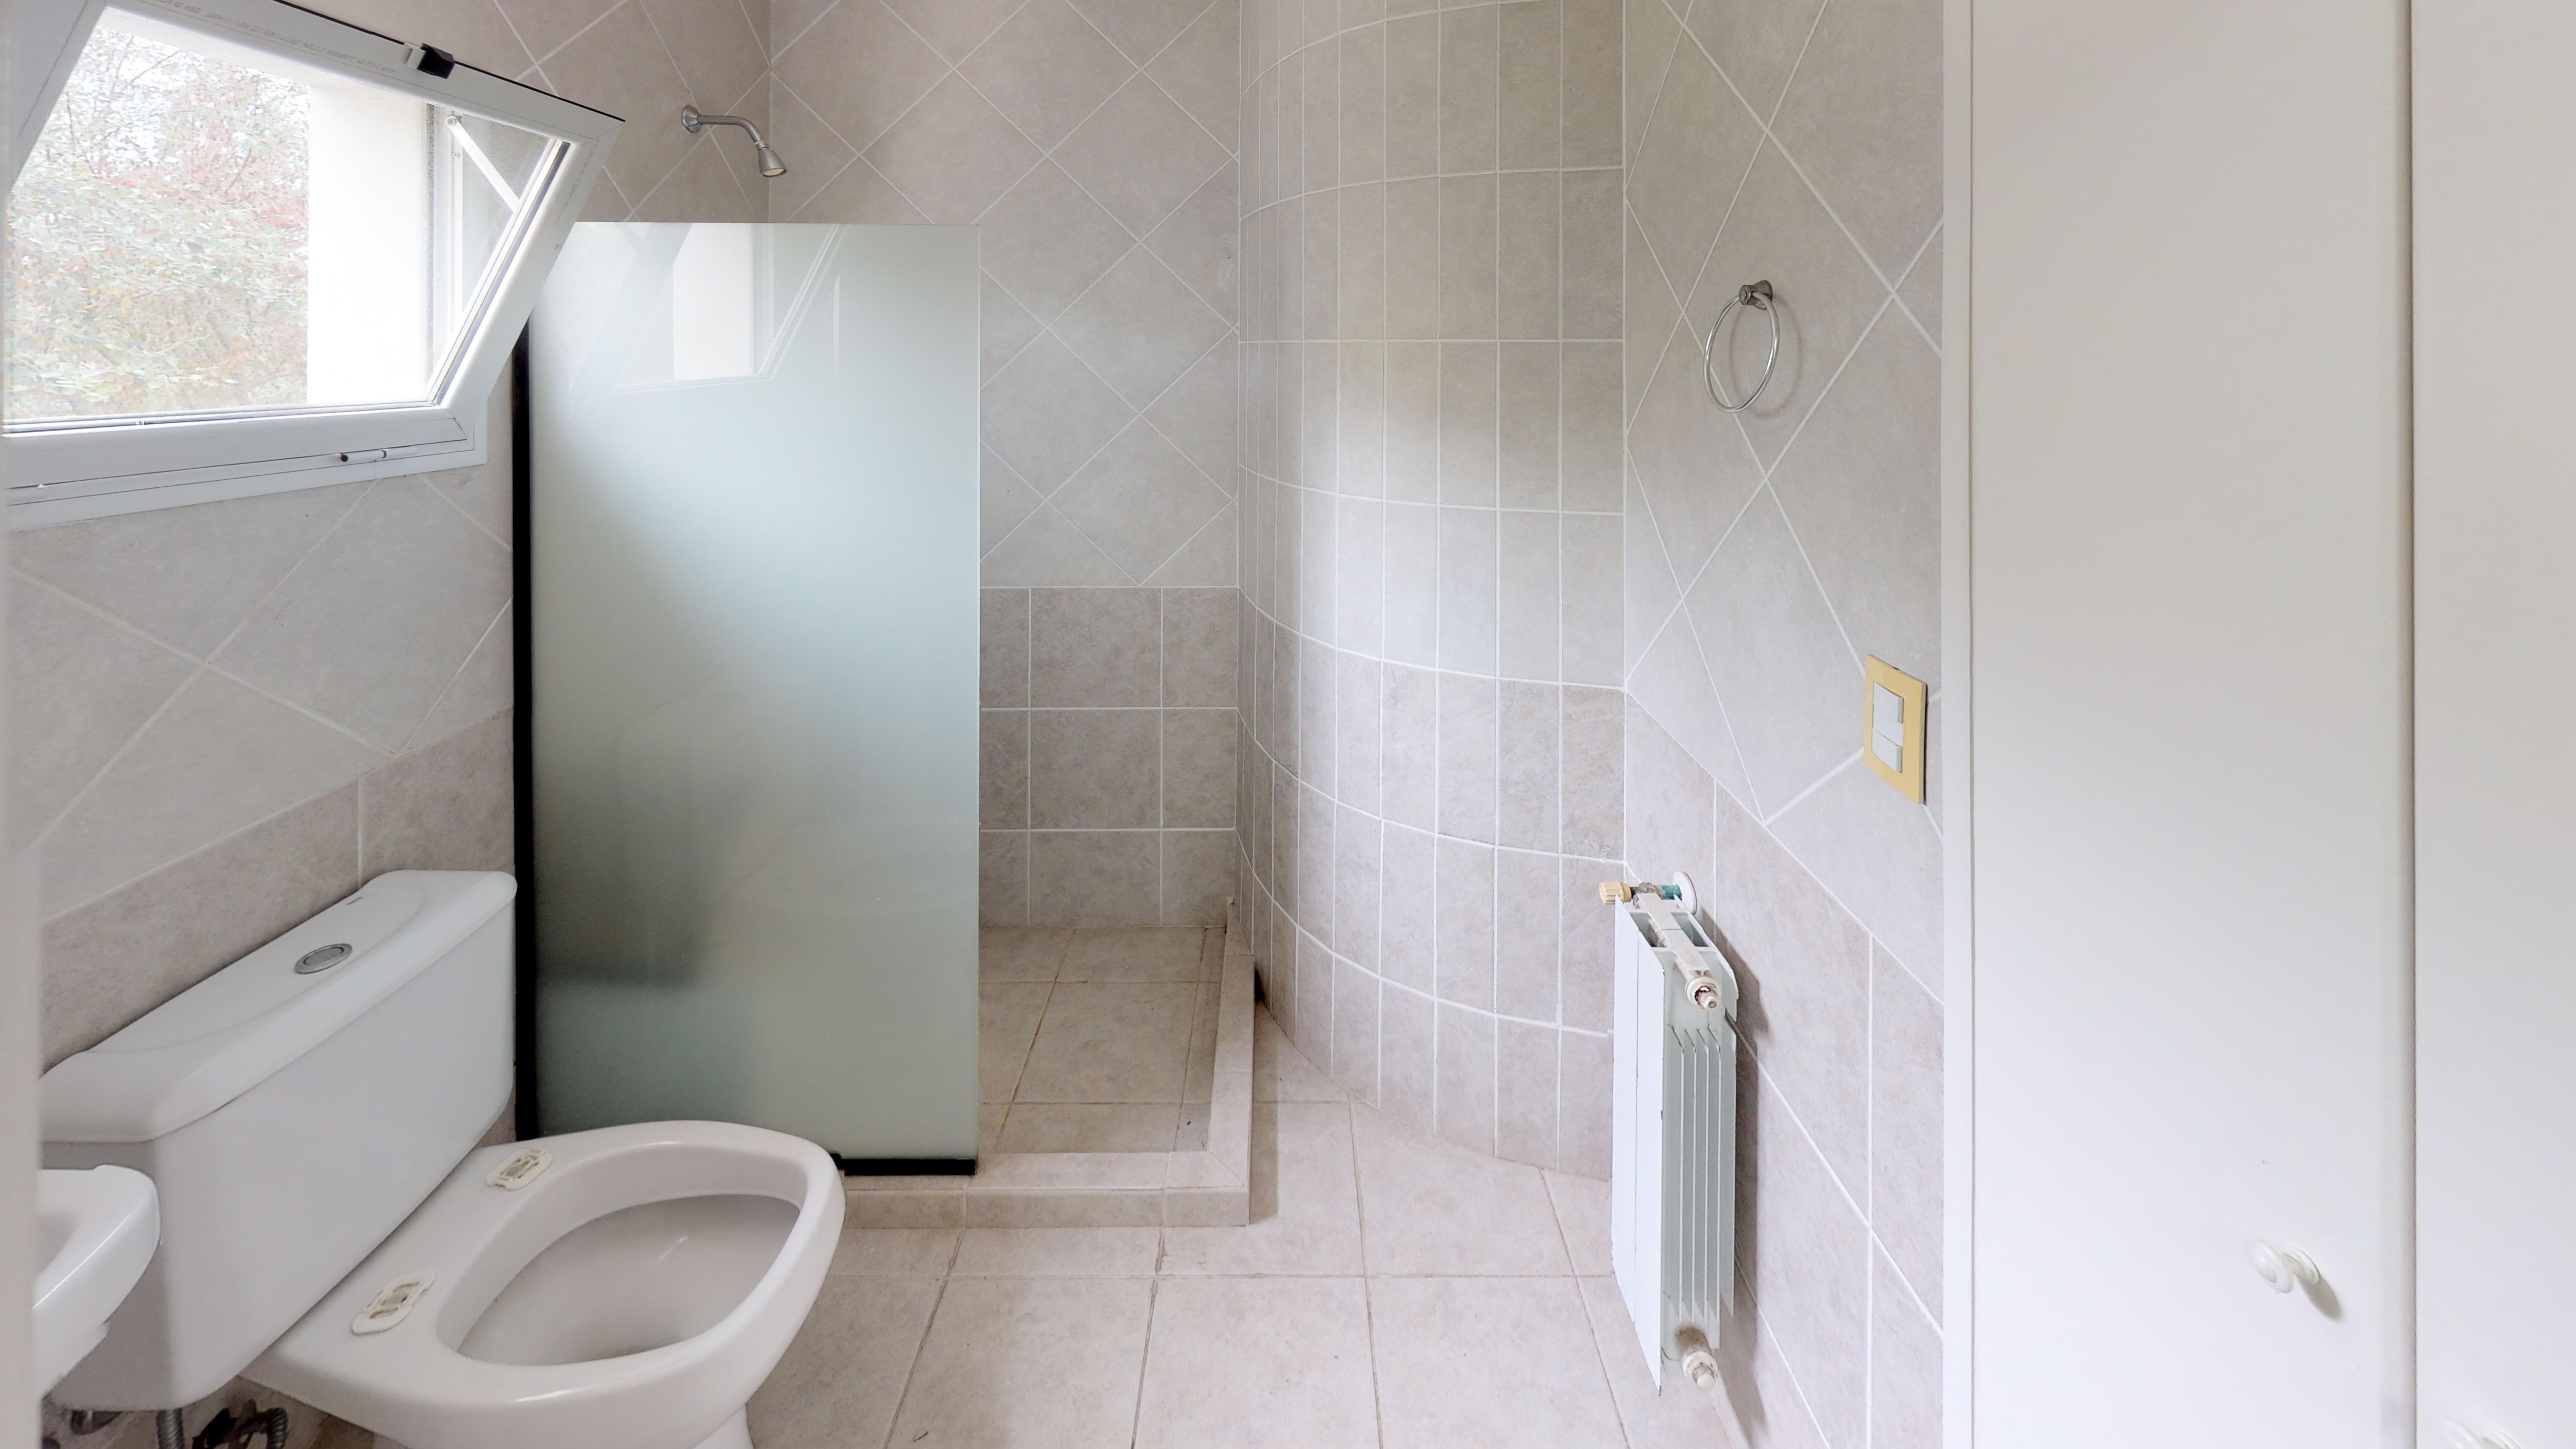 Baño cuarto de planchado